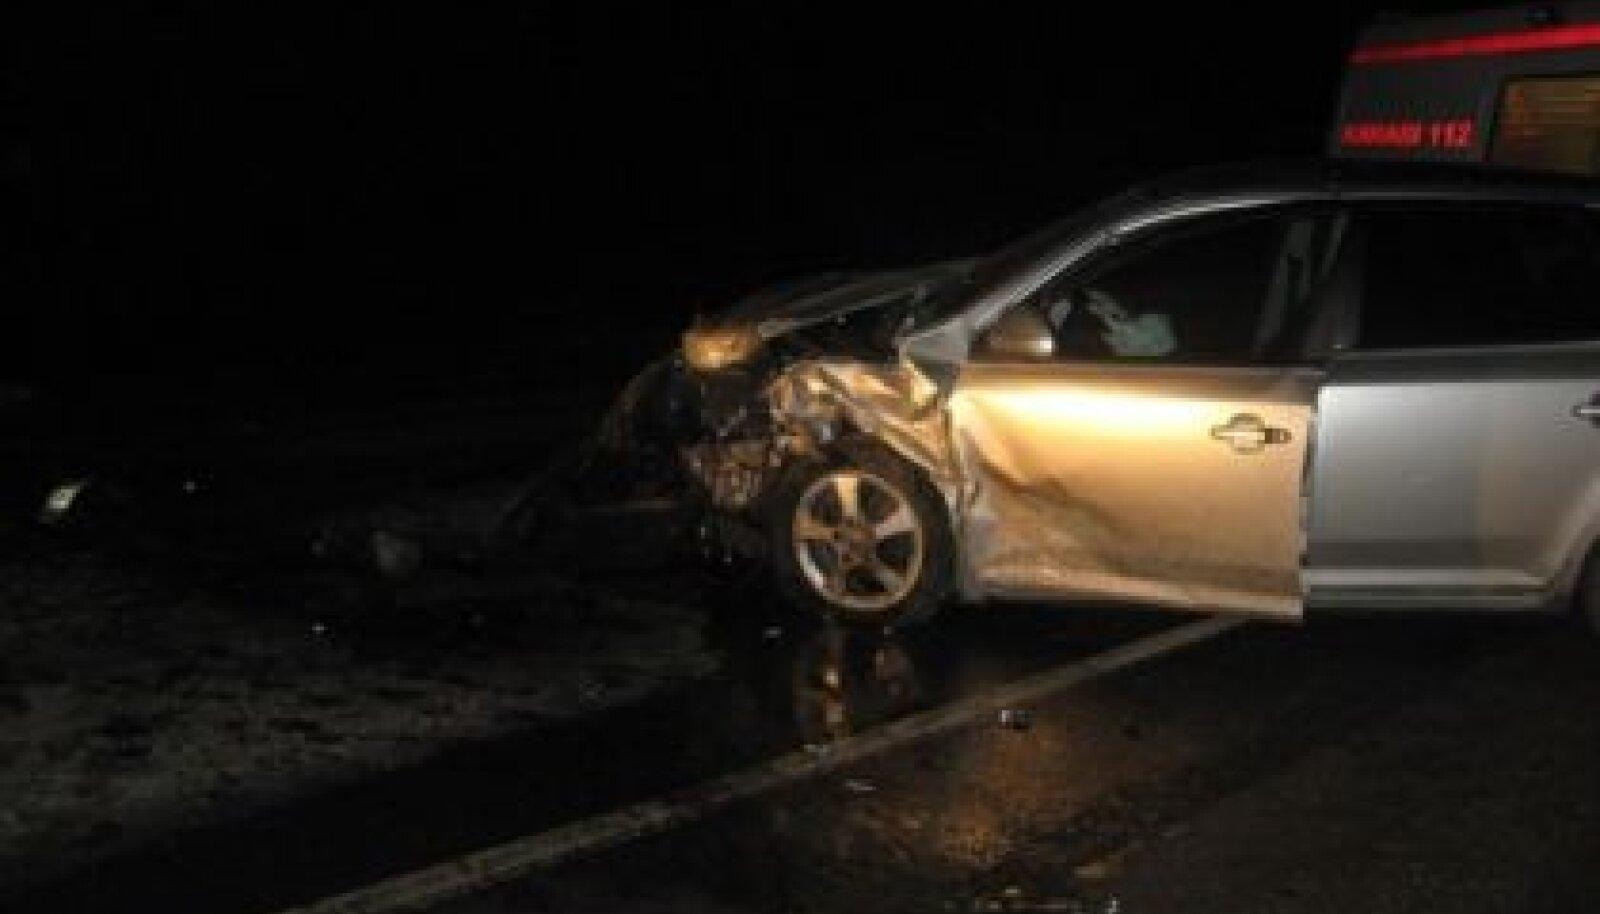 Pühapäeva õhtul toimunud avarii Kosel